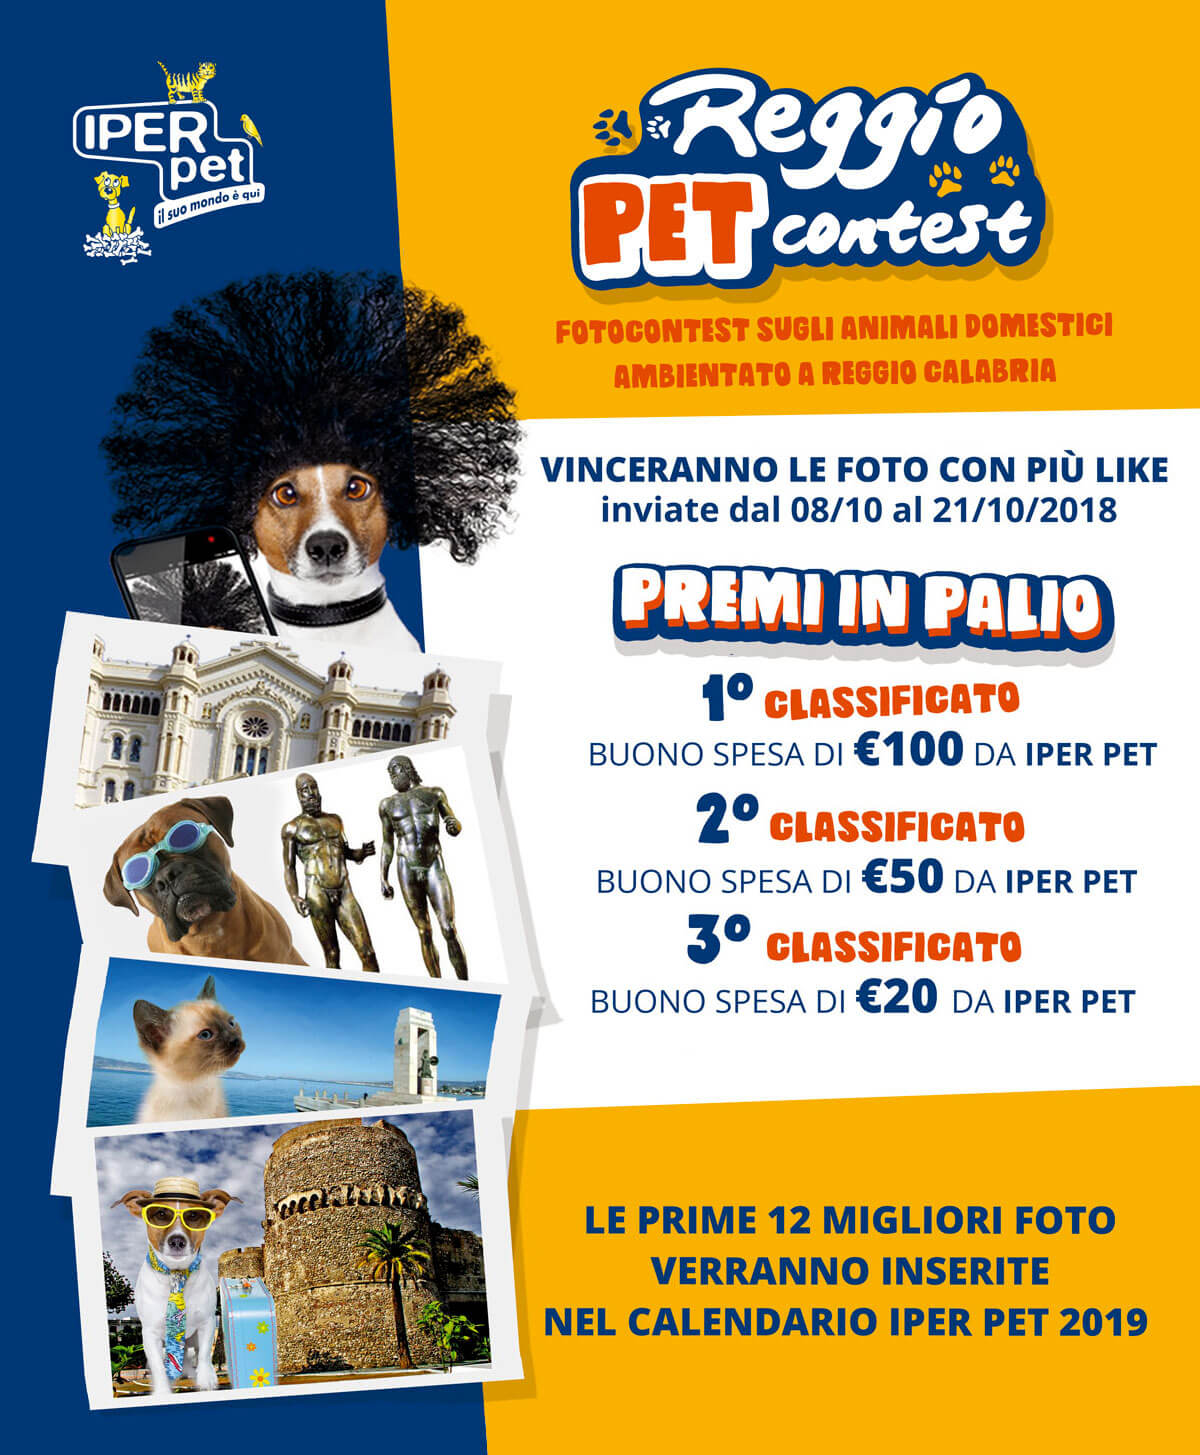 Iper Pet Reggio Pet Contest Fotografico